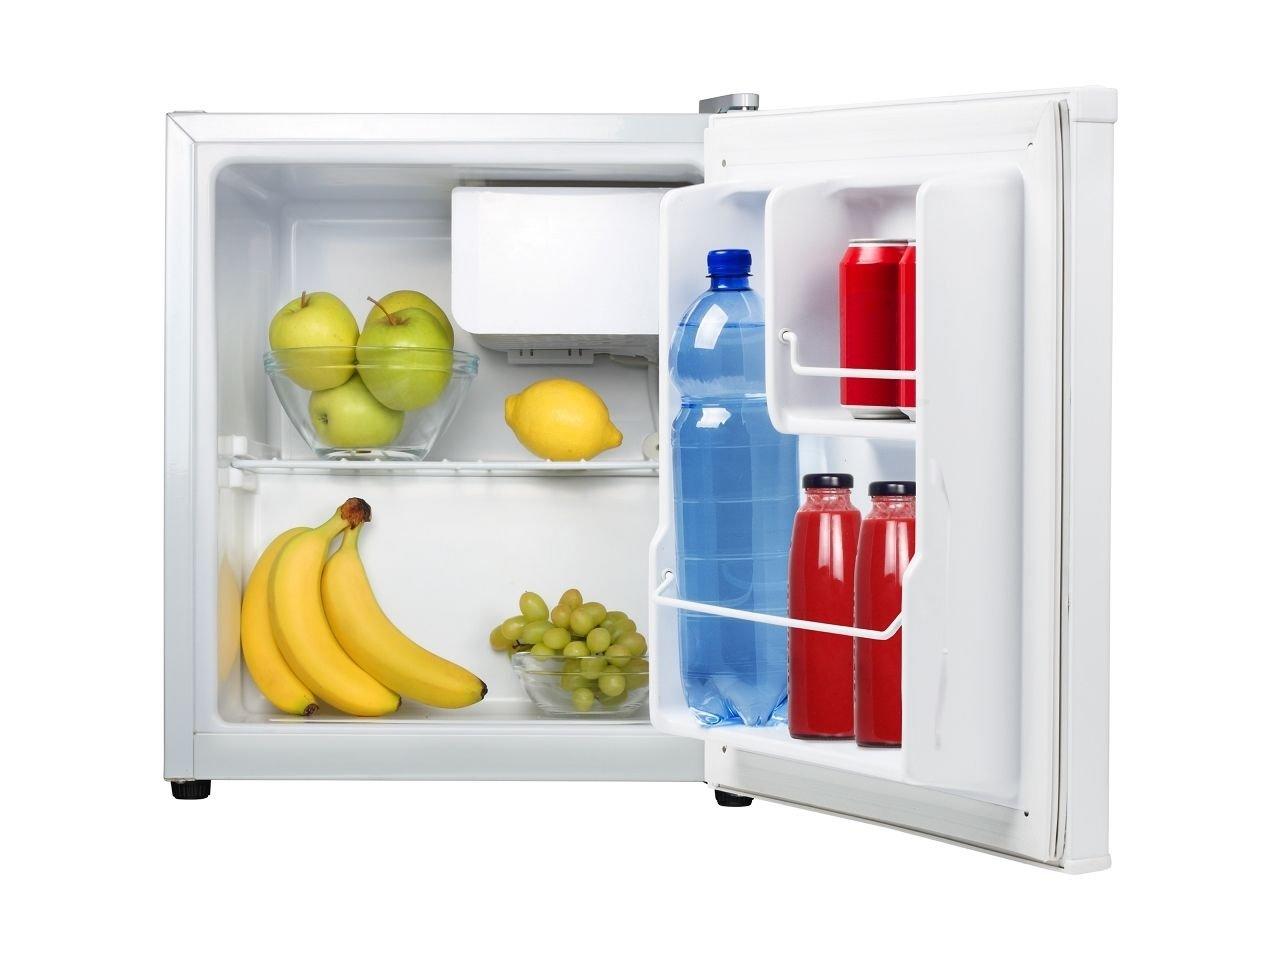 Exquisit Mini Kühlschrank : Exquisit mini kühlschrank: exquisit kb a kühlschrank test. exquisit